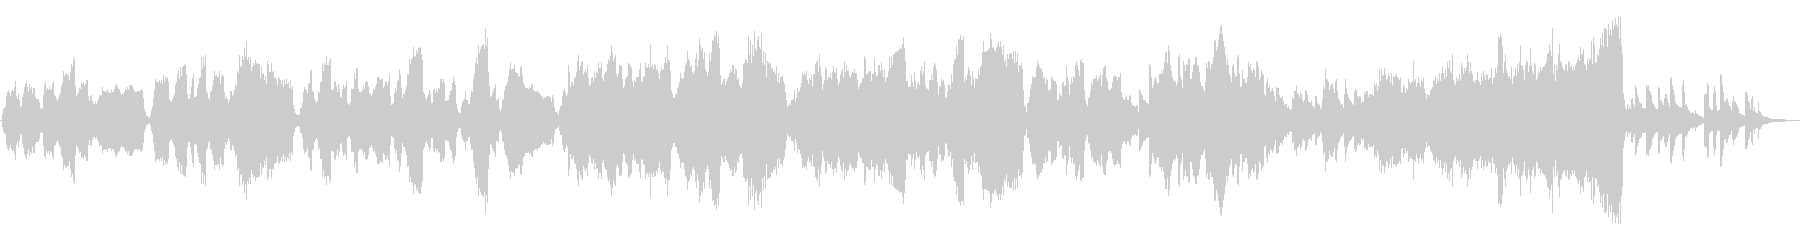 切ない映像に良く合う弦とピアノの作品の未再生の波形